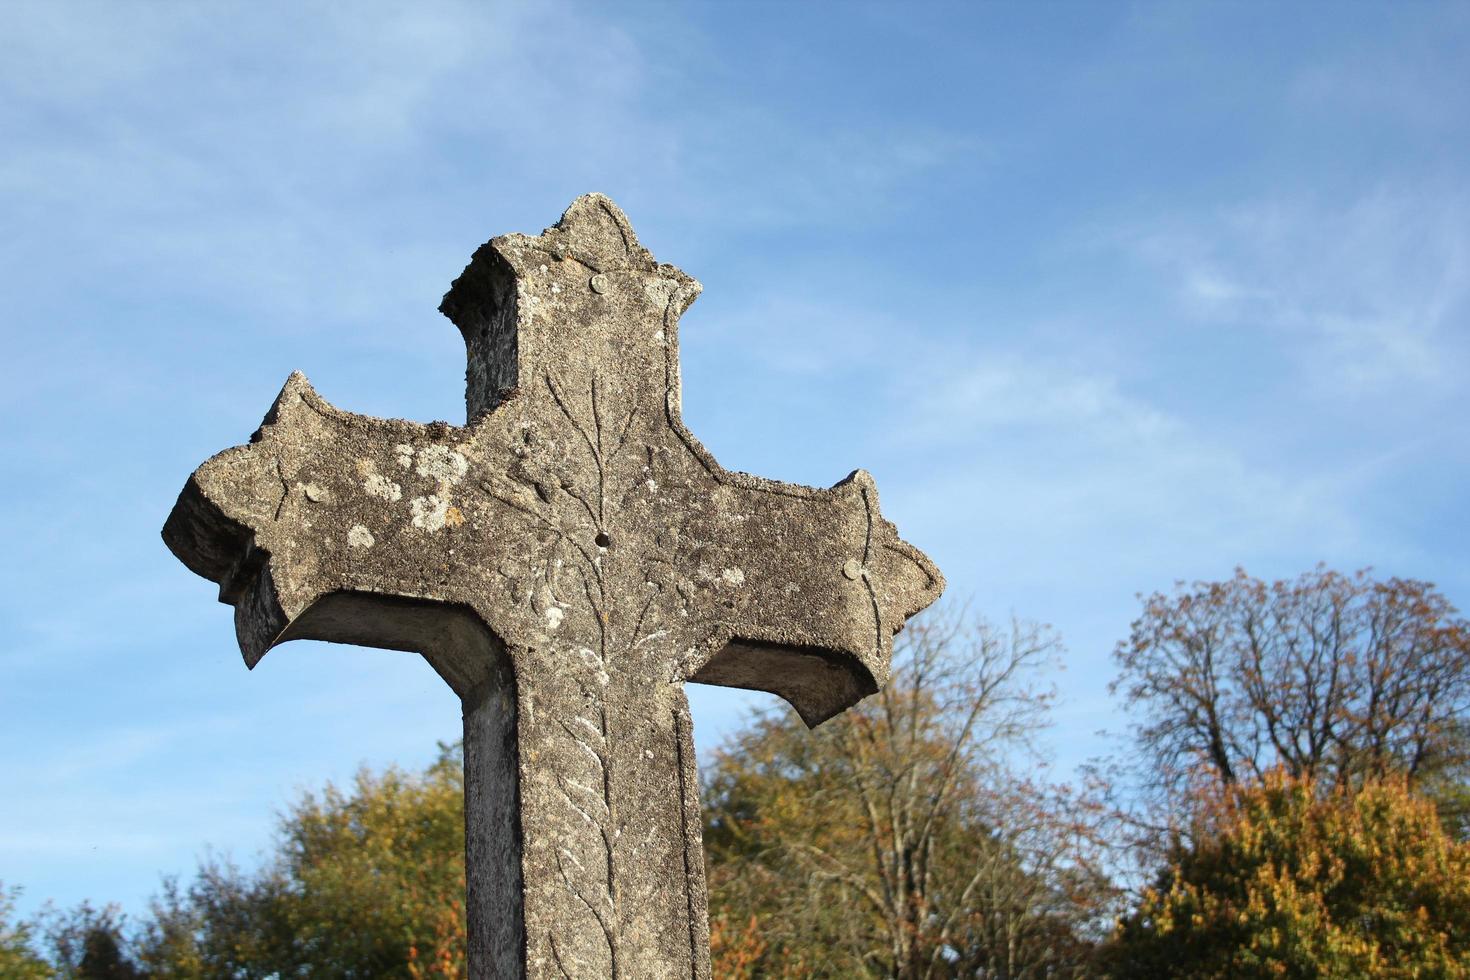 croix religieuse contre le ciel bleu photo